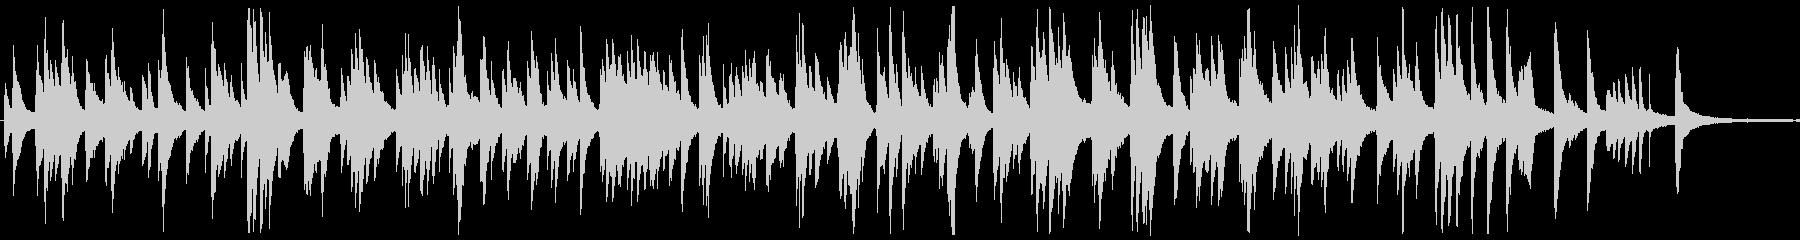 しっとりとしたジャズ風ラウンジピアノソロの未再生の波形